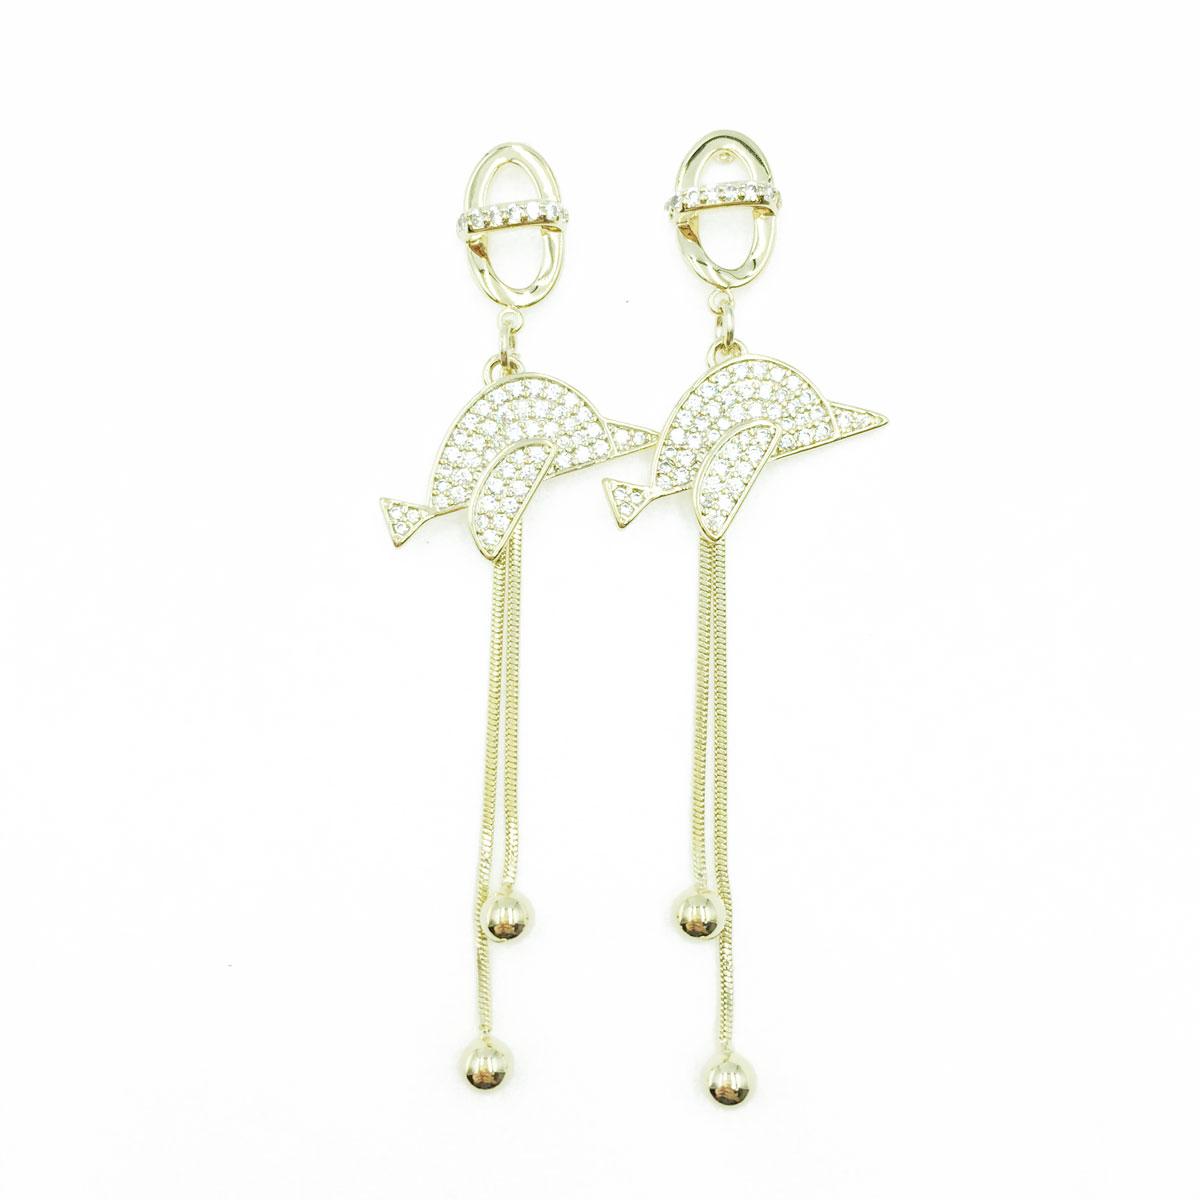 韓國 925純銀 海豚 造型 垂墜感 耳針式耳環